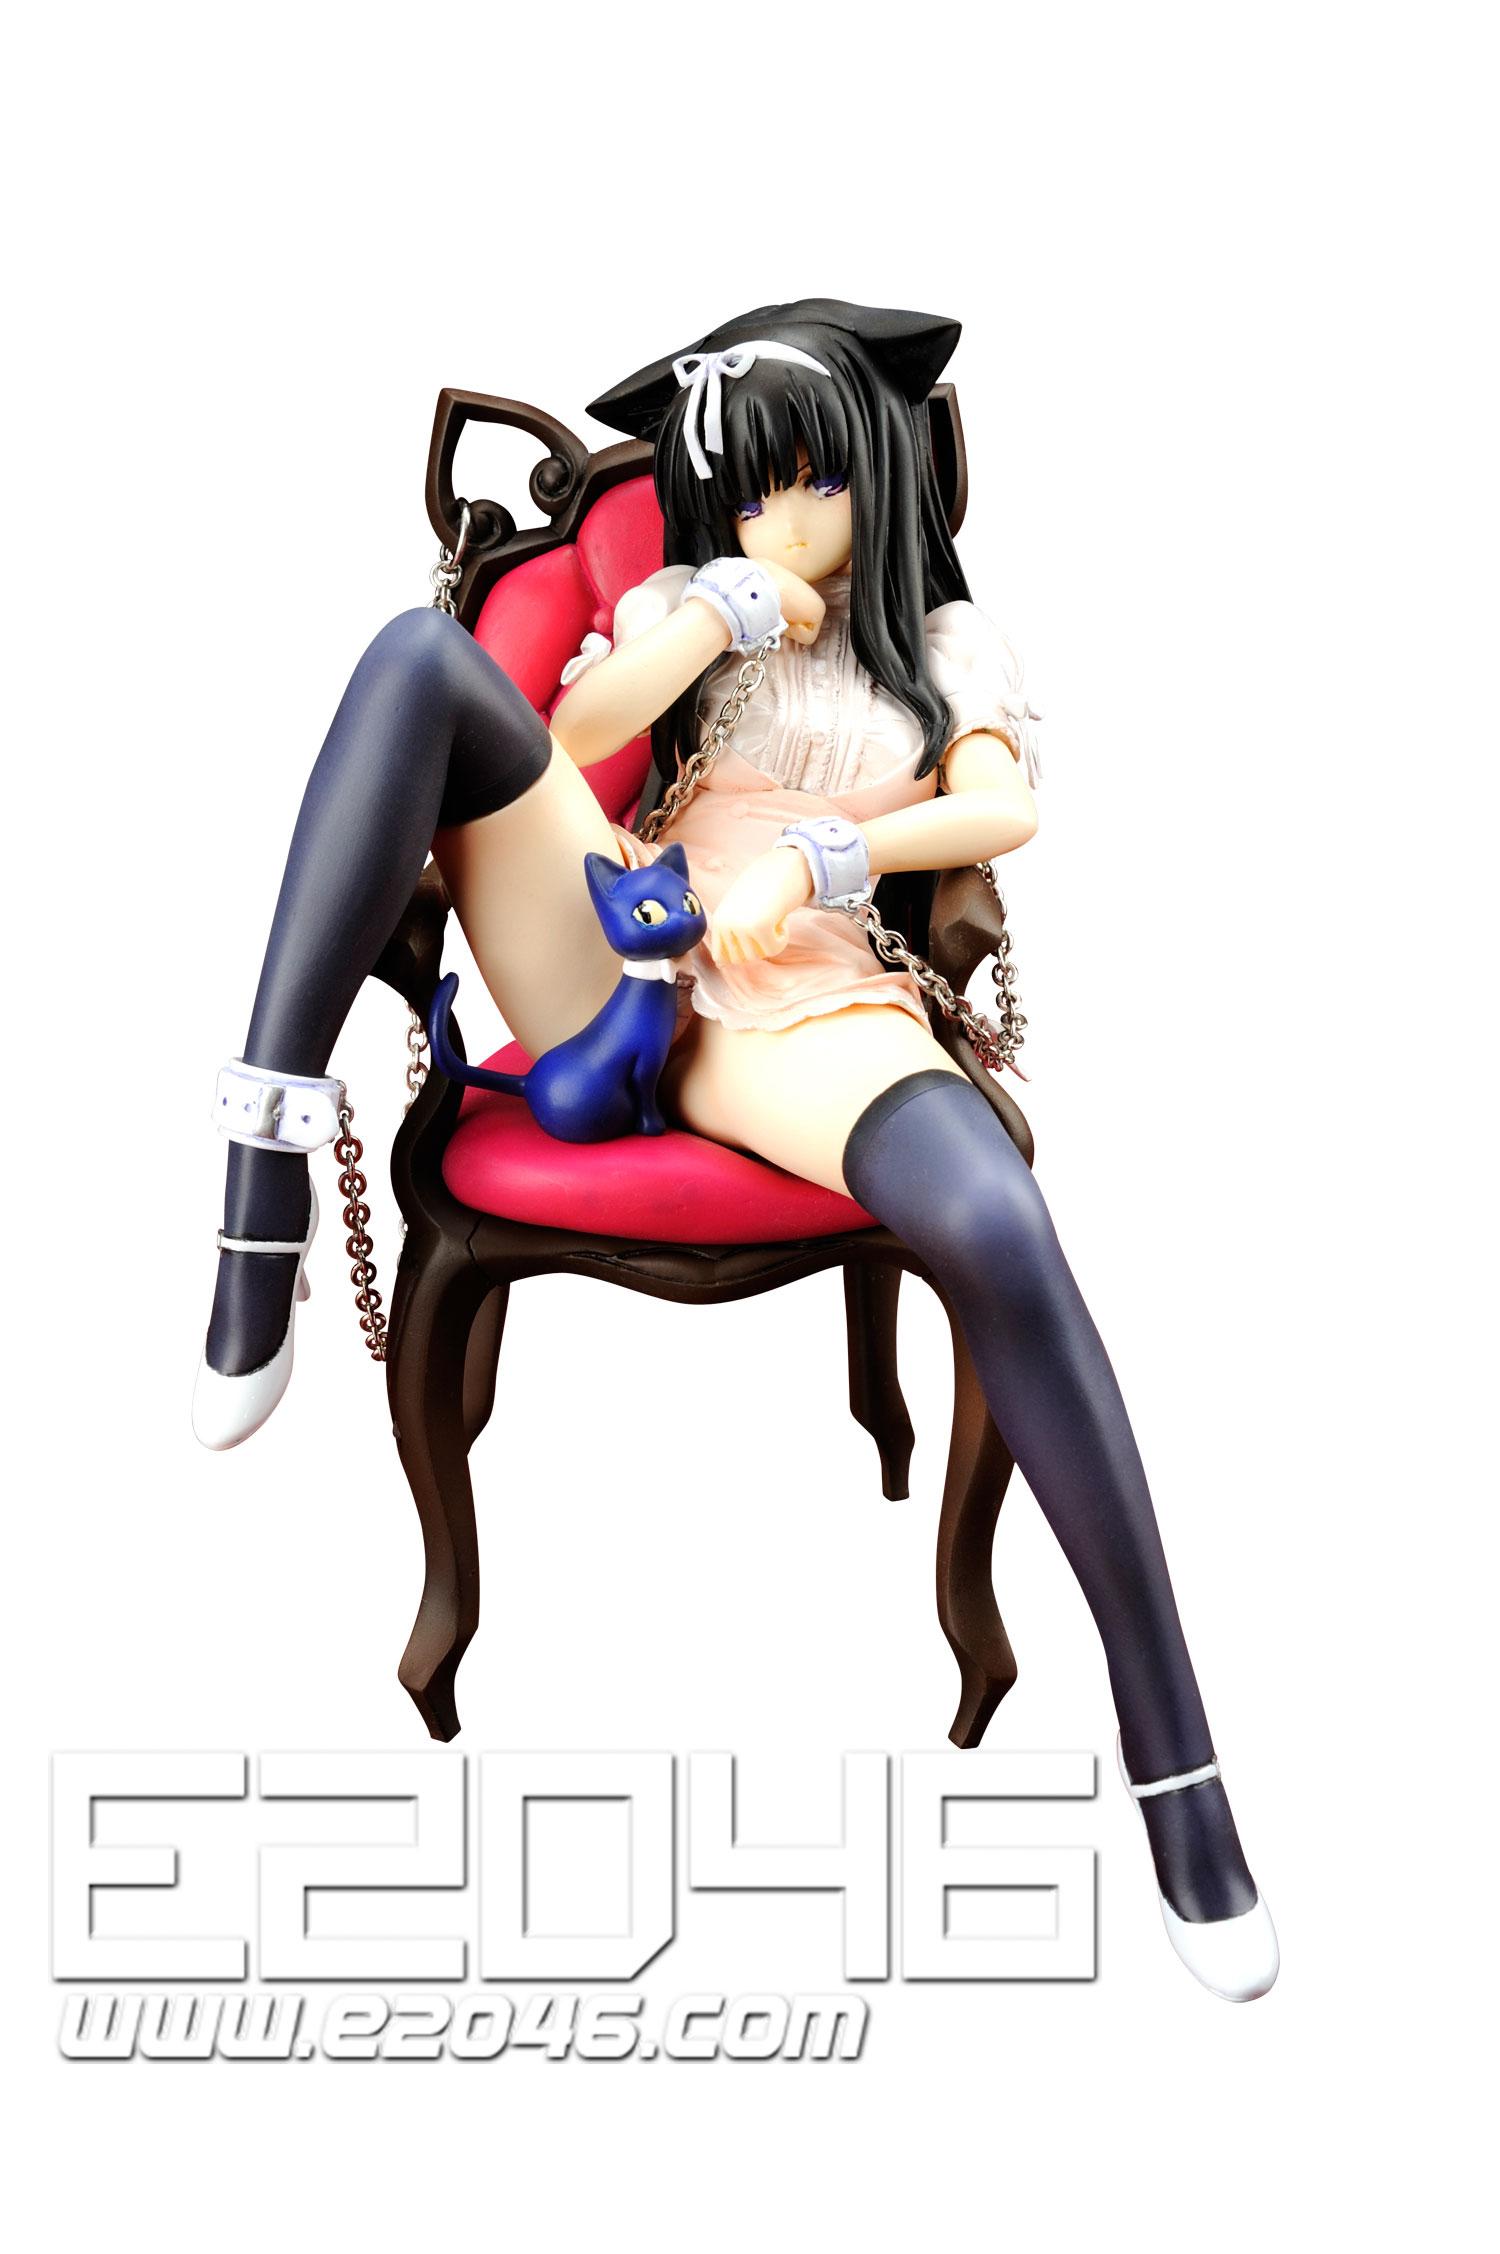 Cat & Chair